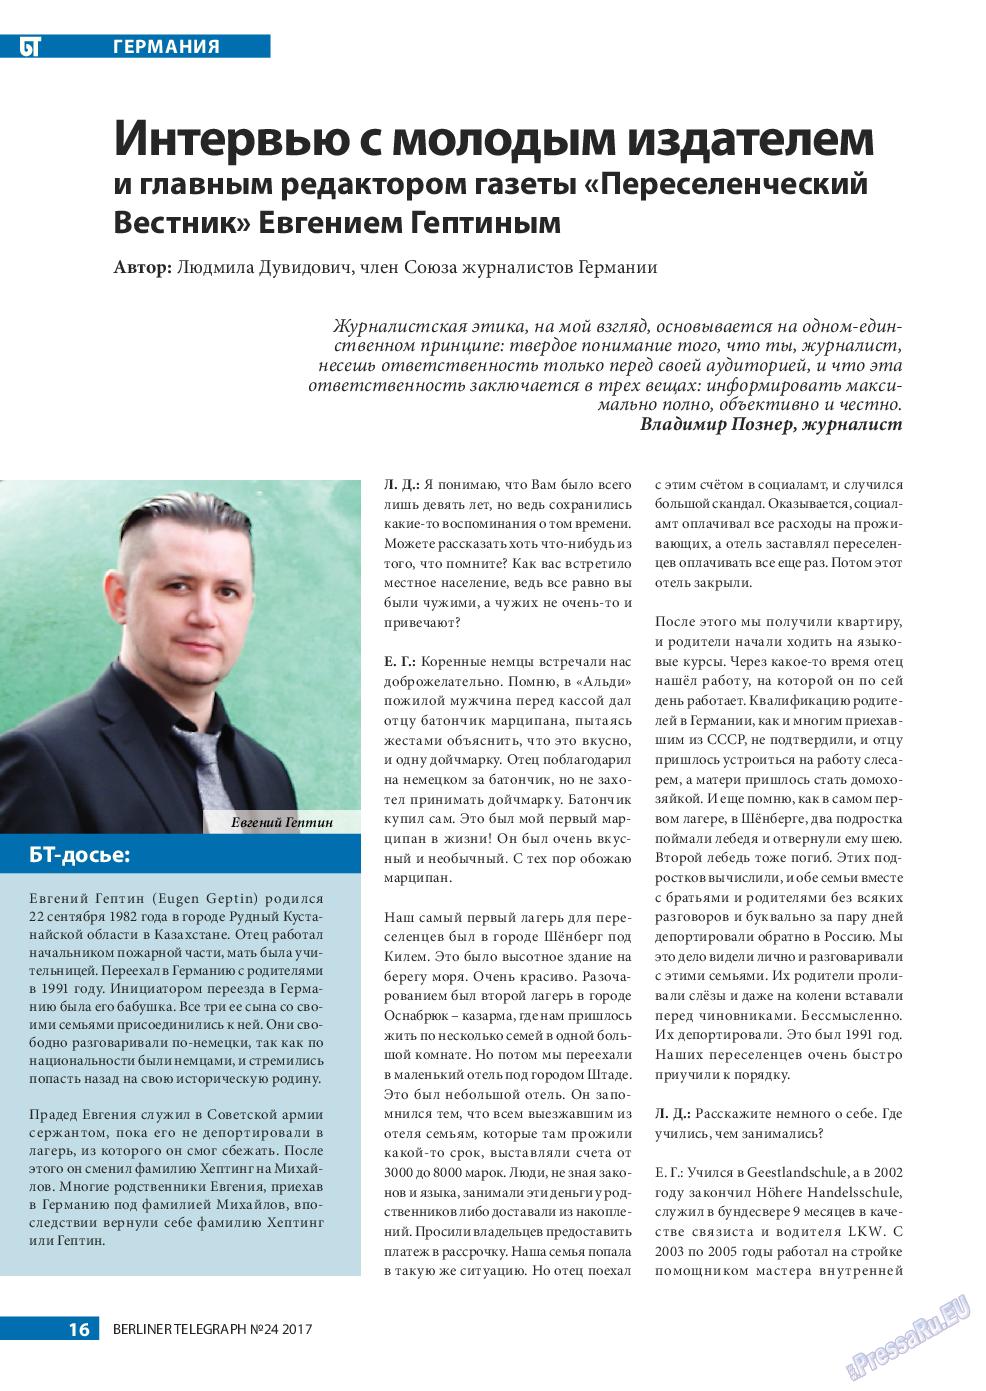 Берлинский телеграф (журнал). 2017 год, номер 24, стр. 16